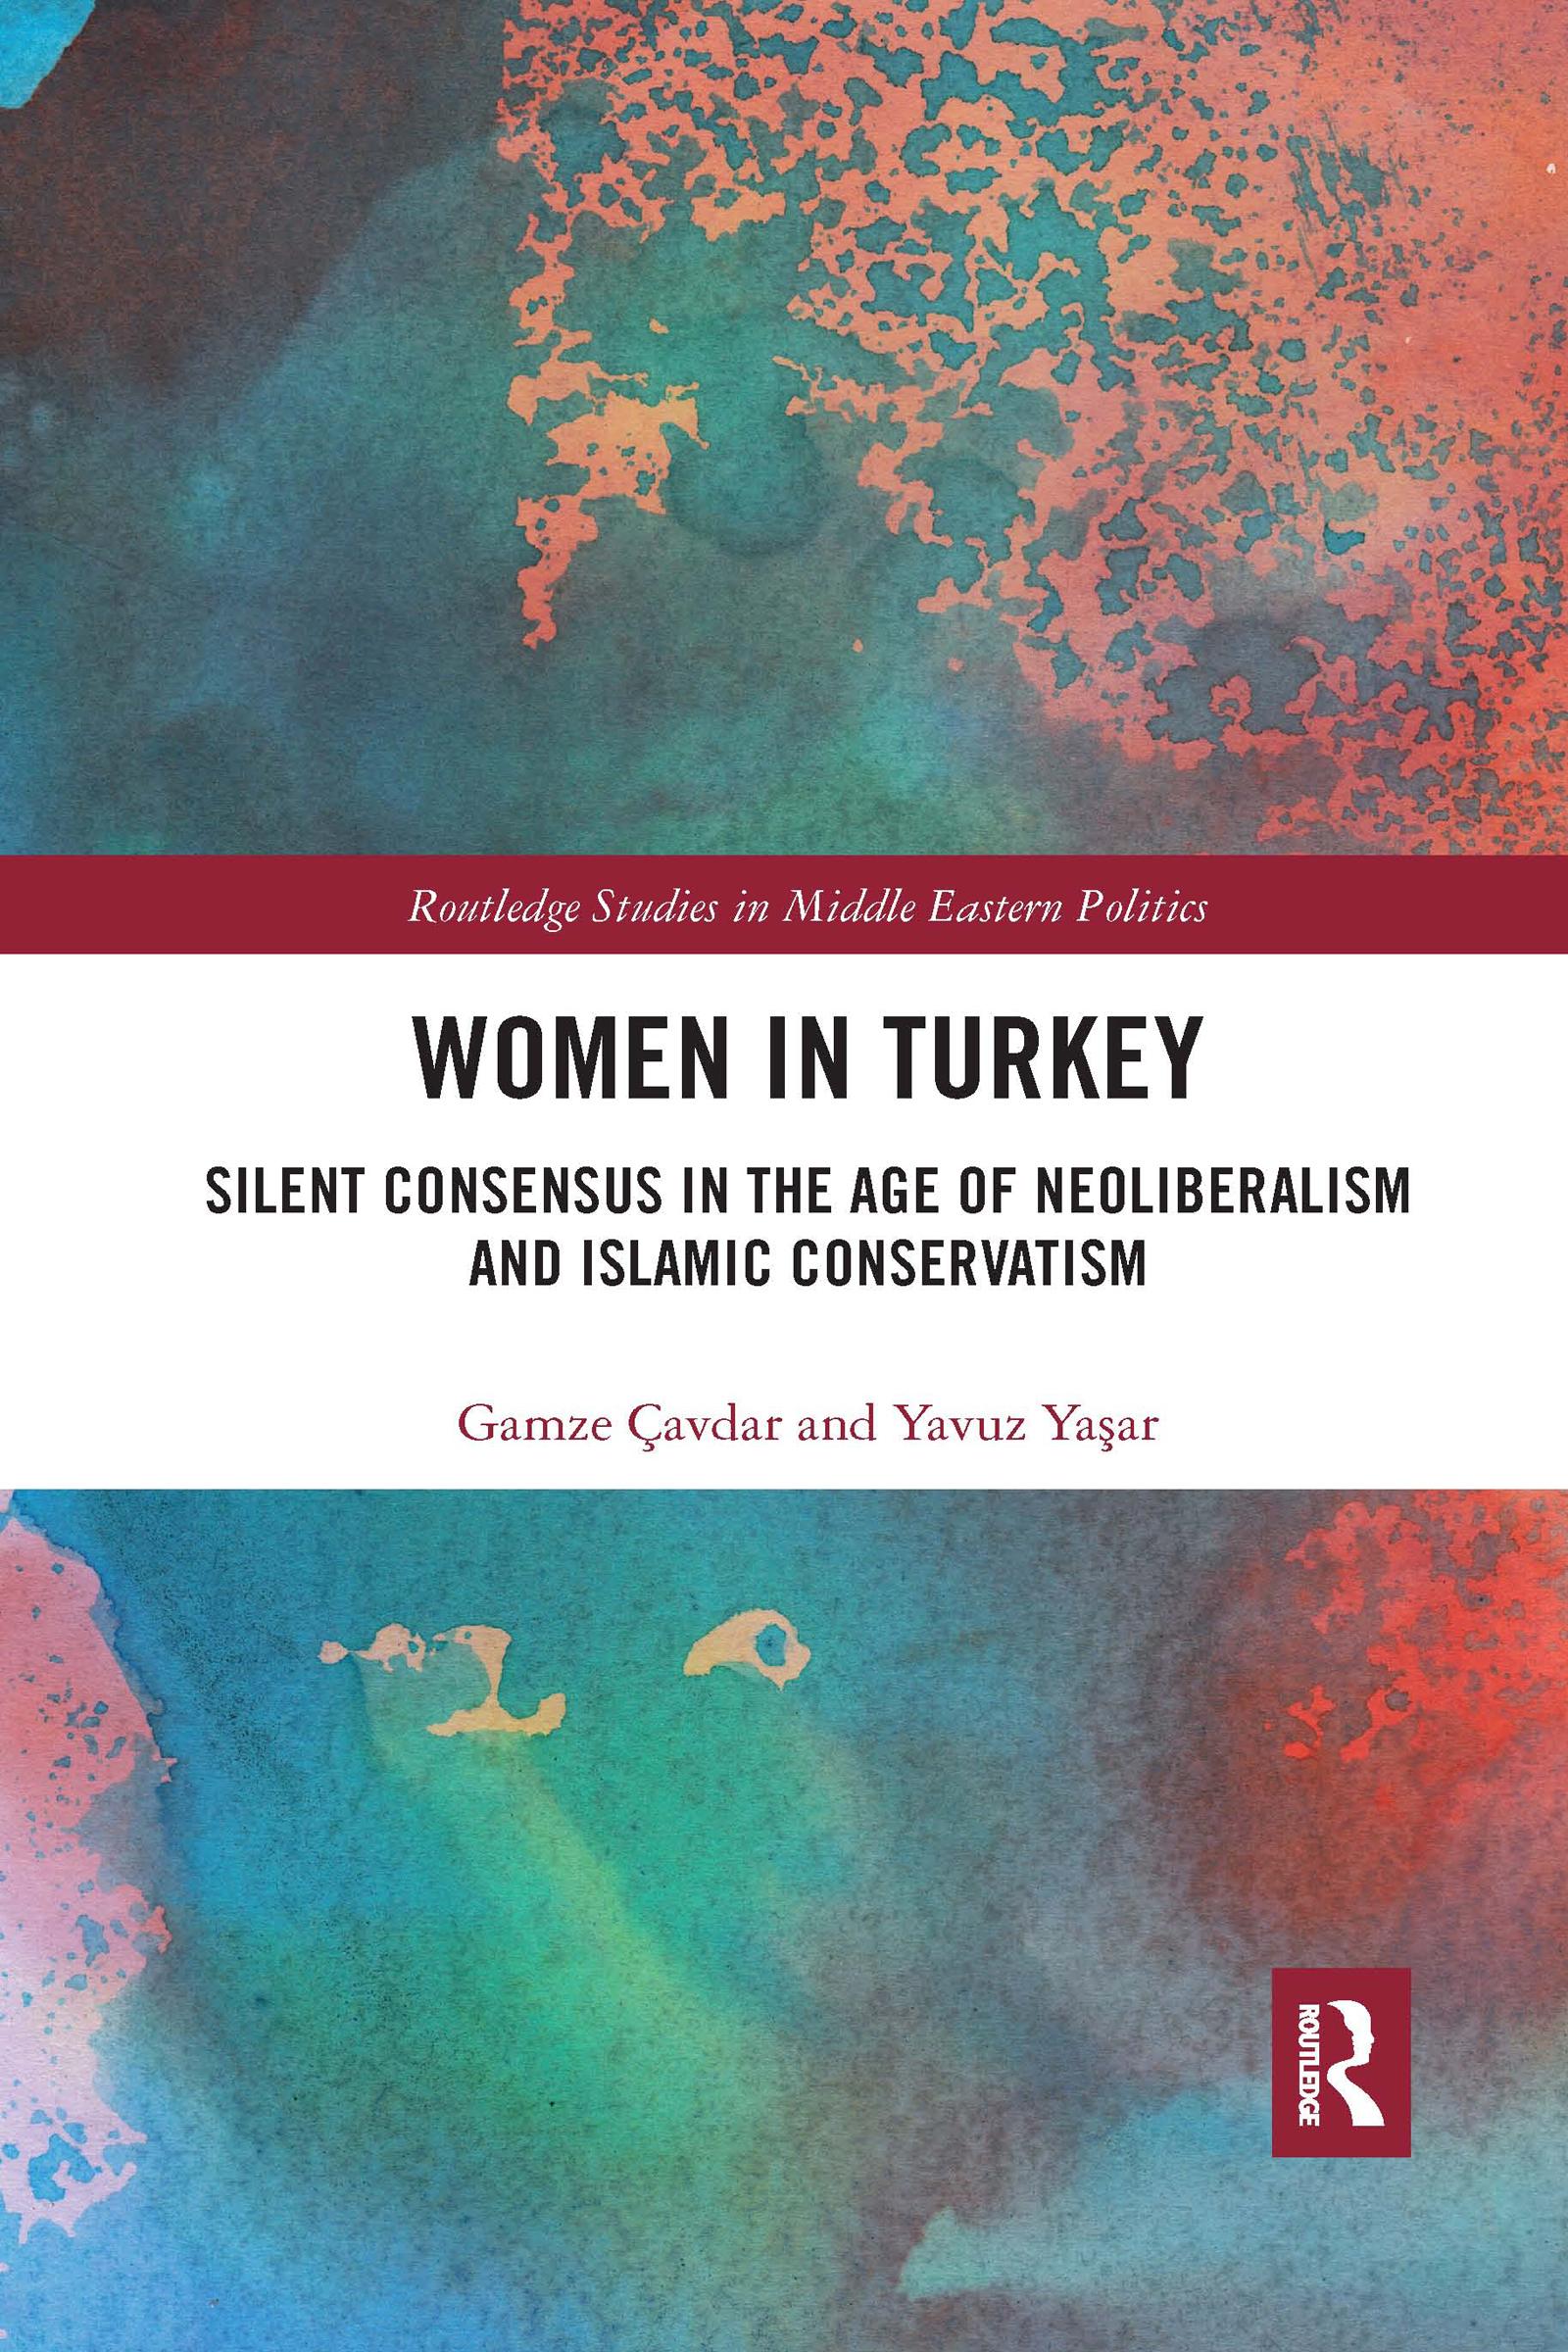 Women in Turkey